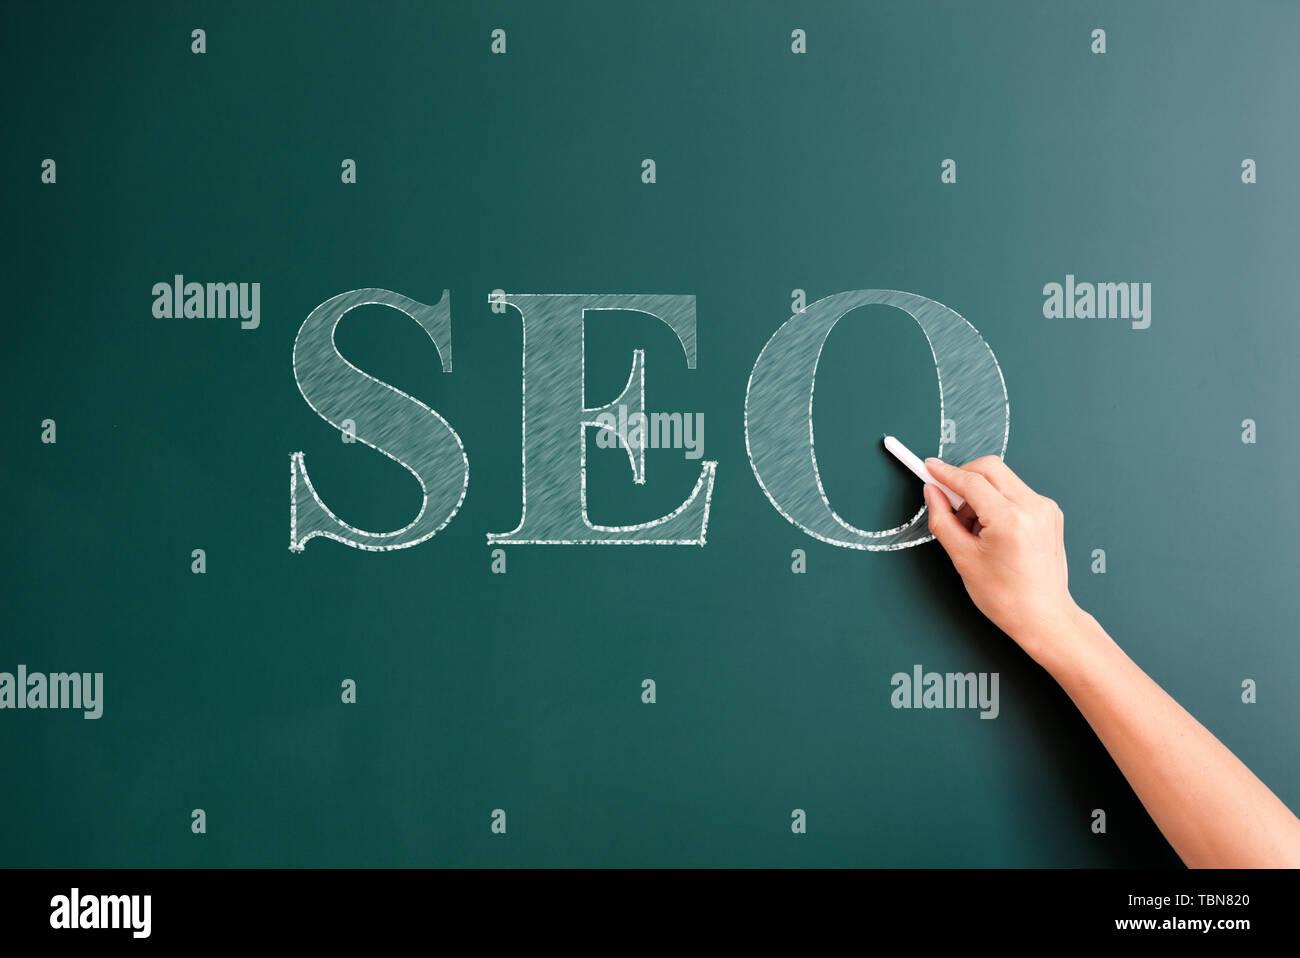 seo written on blackboard - Stock Image